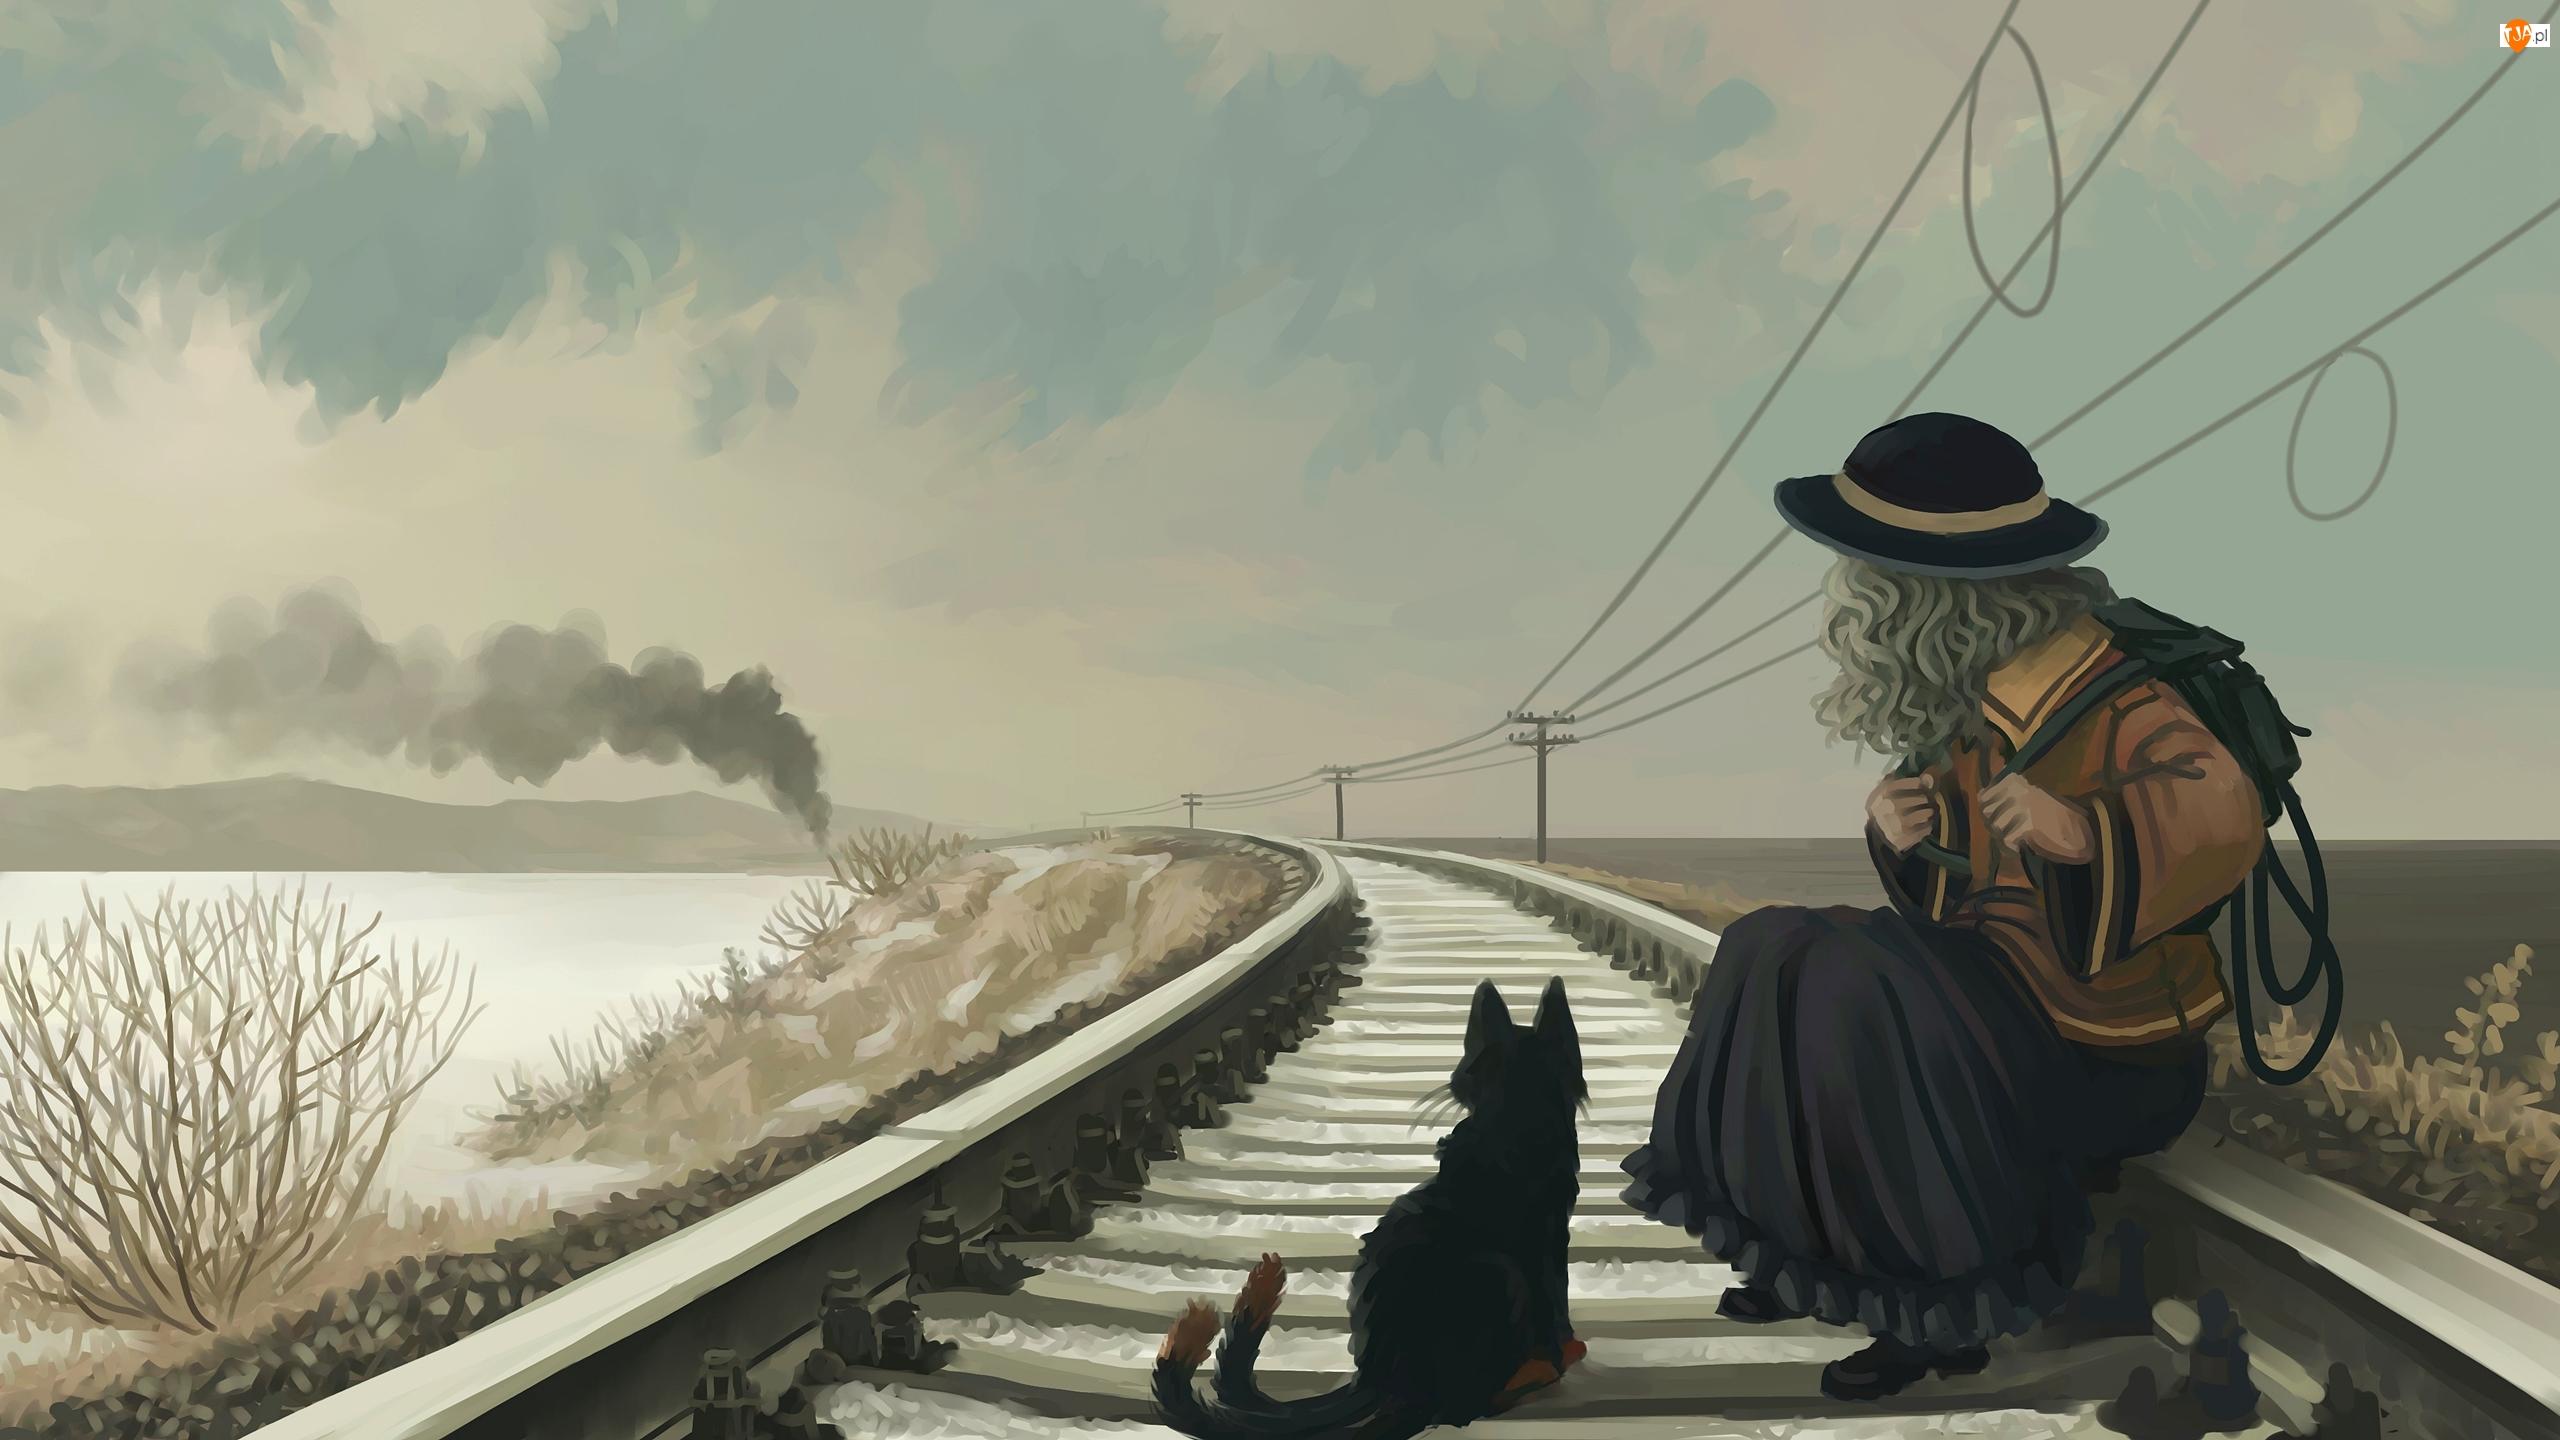 Rysunek, Tory, Kot, Dziewczynka, Pociąg